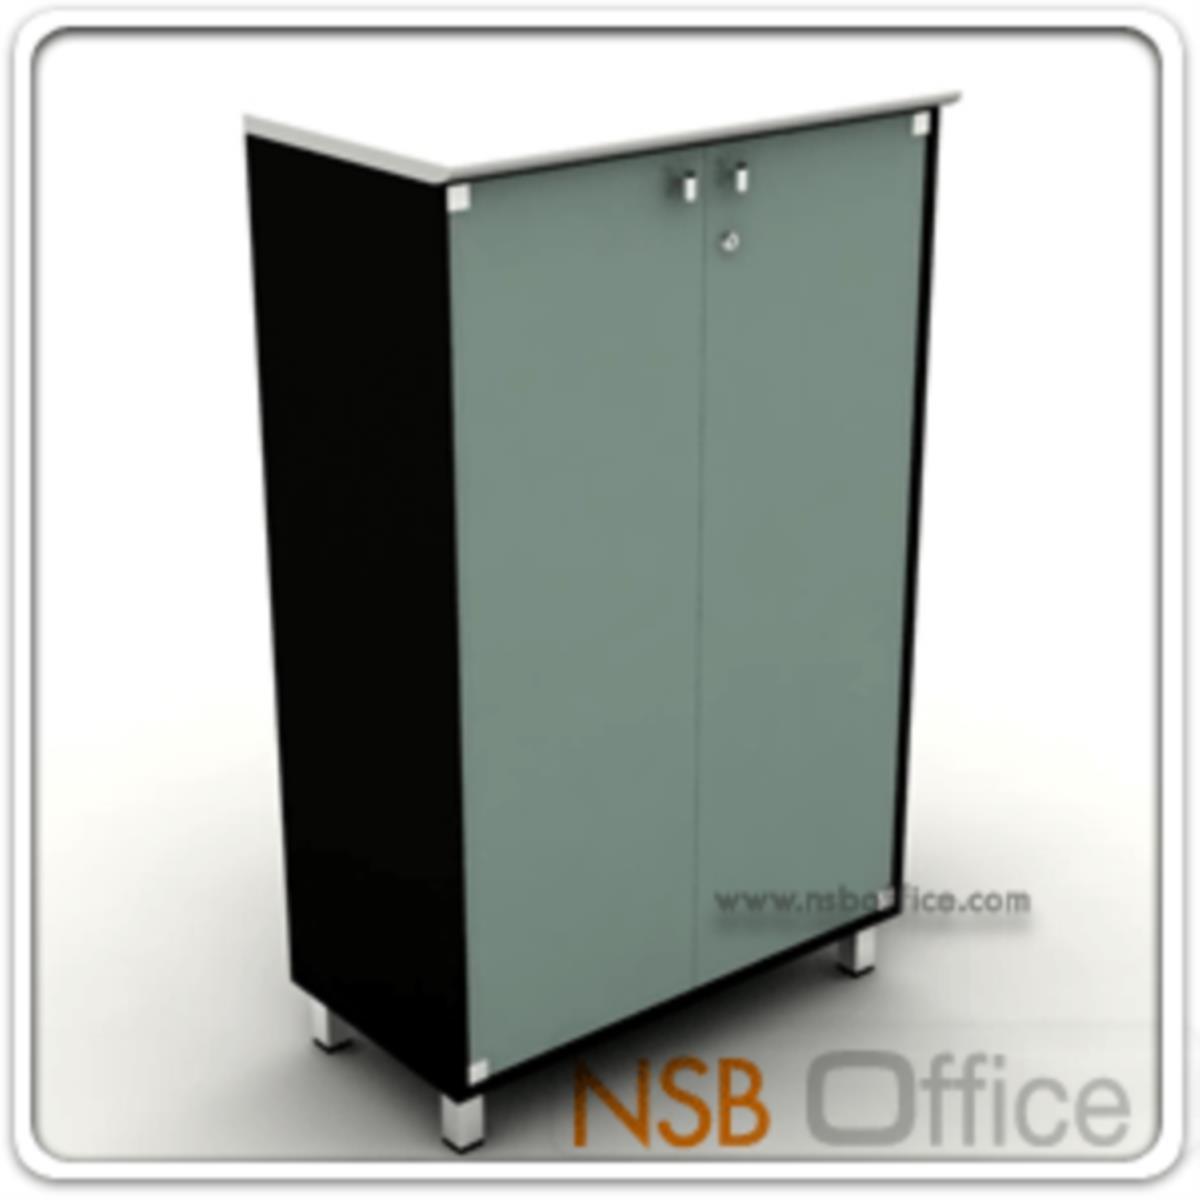 ตู้เสริมข้าง สูง 130 cm. 2 บานเปิดกระจก ผิวเงา Hi-Gloss  รุ่น HTY-NAVA  ขาเหล็กชุบโครเมี่ยม